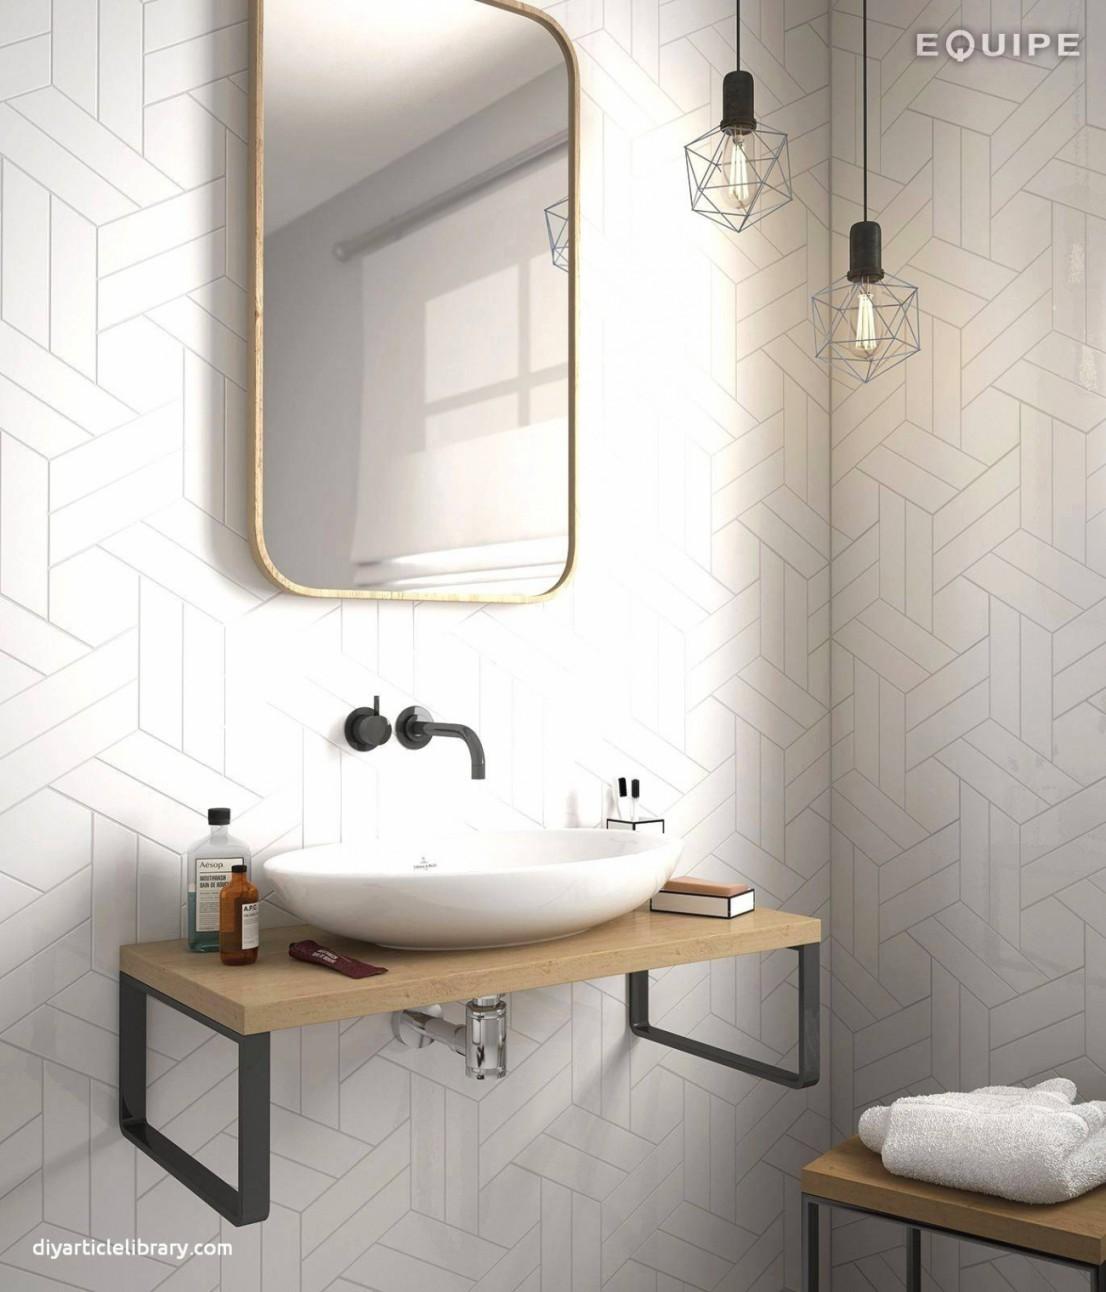 Fliesen Bekleben Bad — Temobardz Home Blog von Badezimmer Modern Fliesen Bild